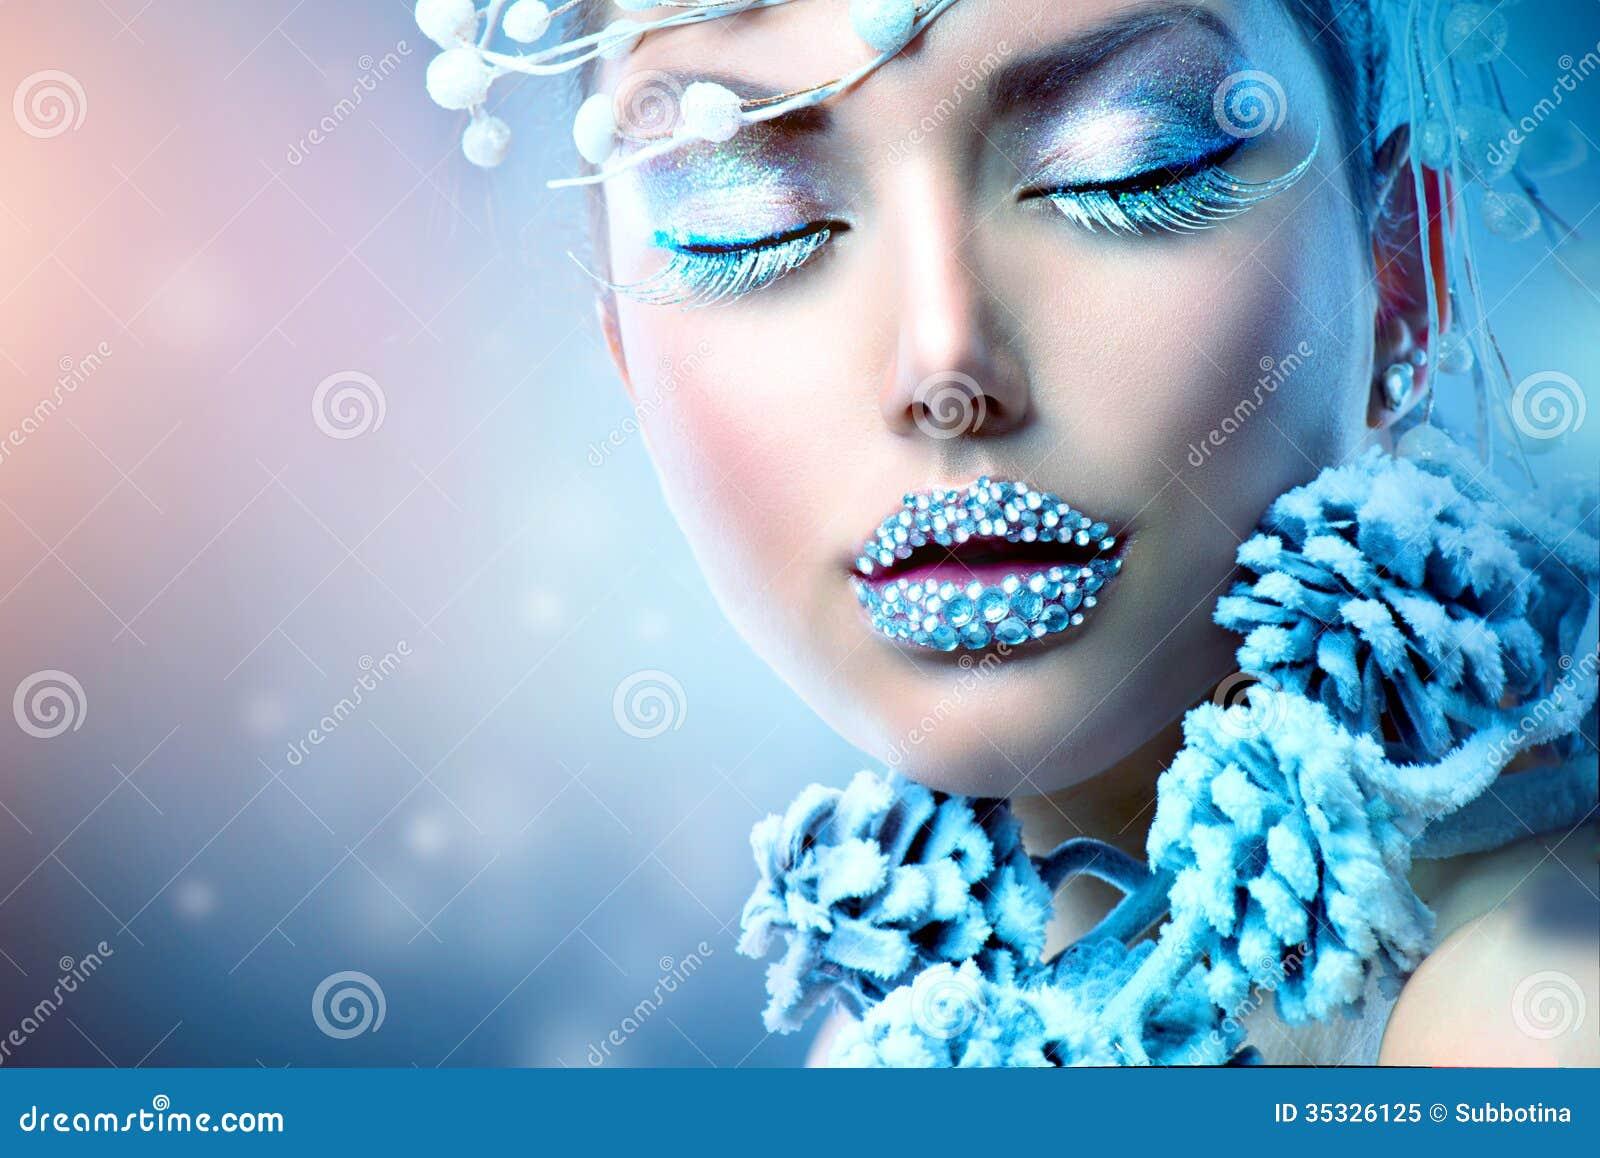 Winter Beauty Woman